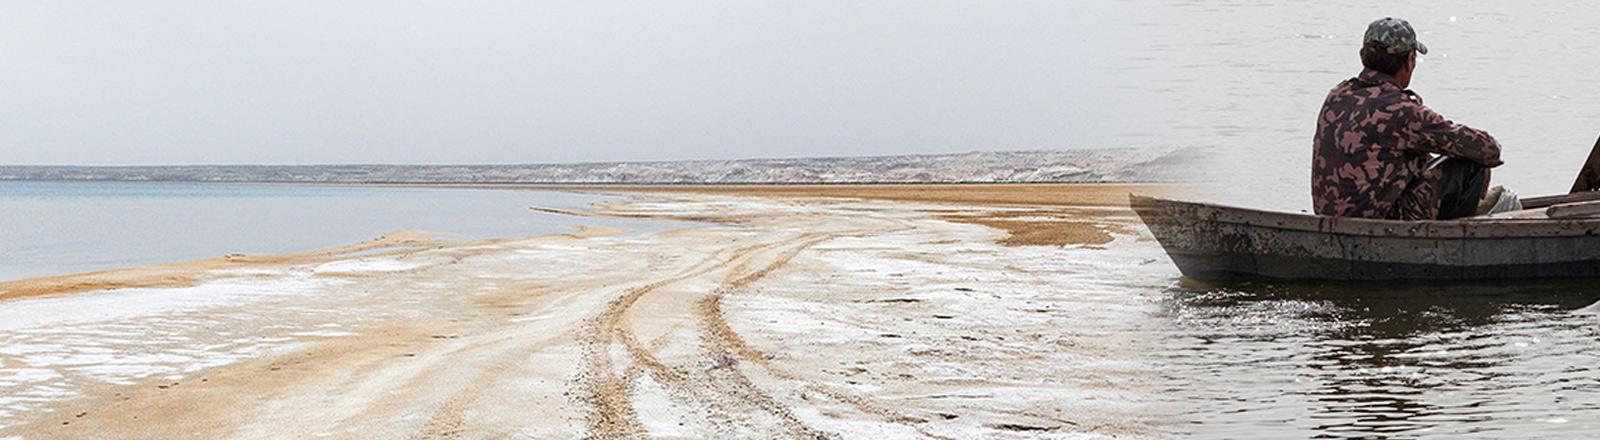 Collage: Der halbleere Strand des Aralsees, ein Fischer in einem Boot